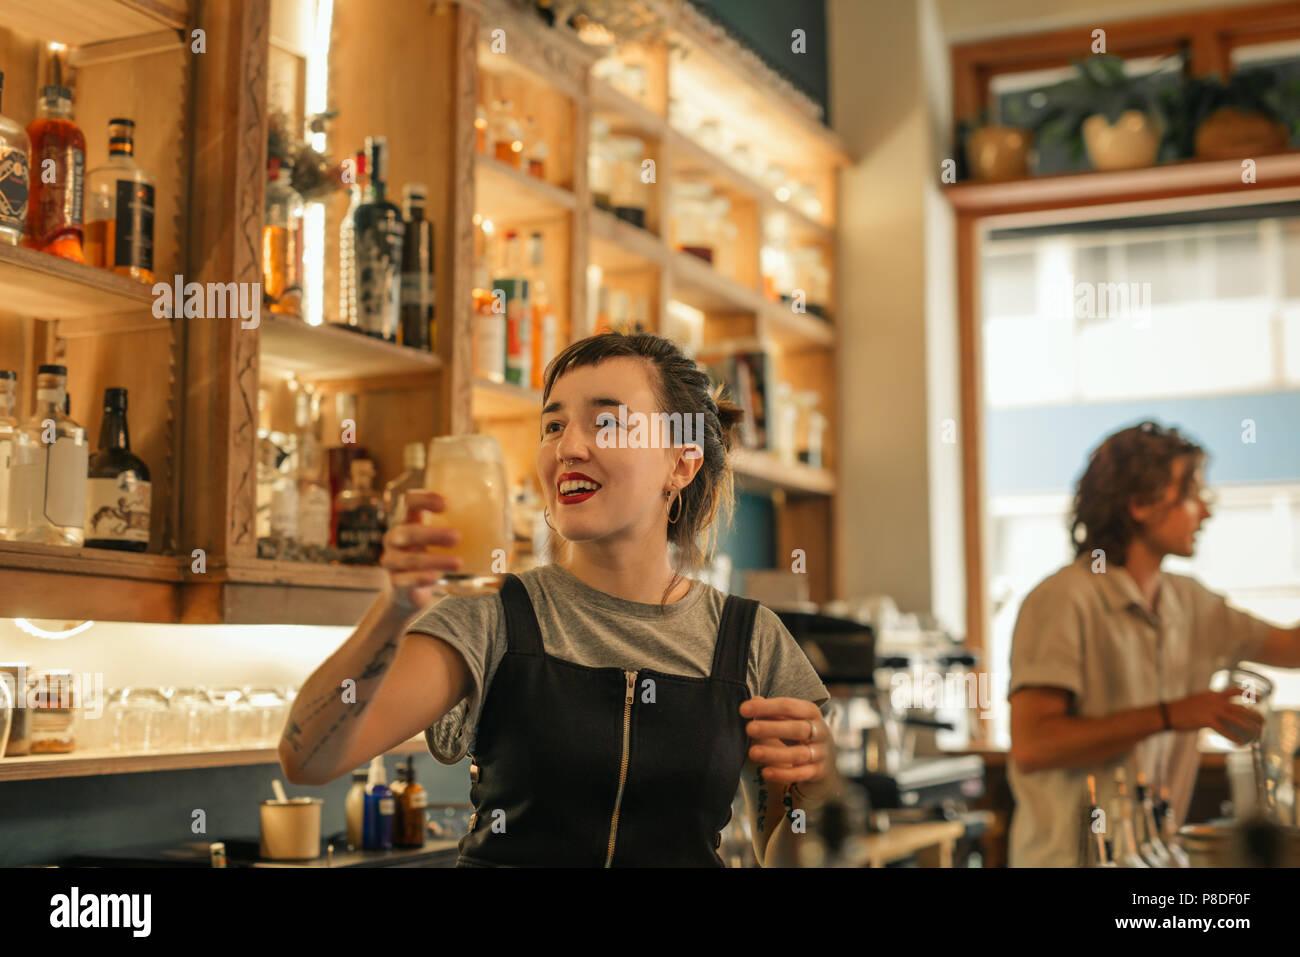 Sonriente joven barman haciendo cócteles en un bar. Imagen De Stock